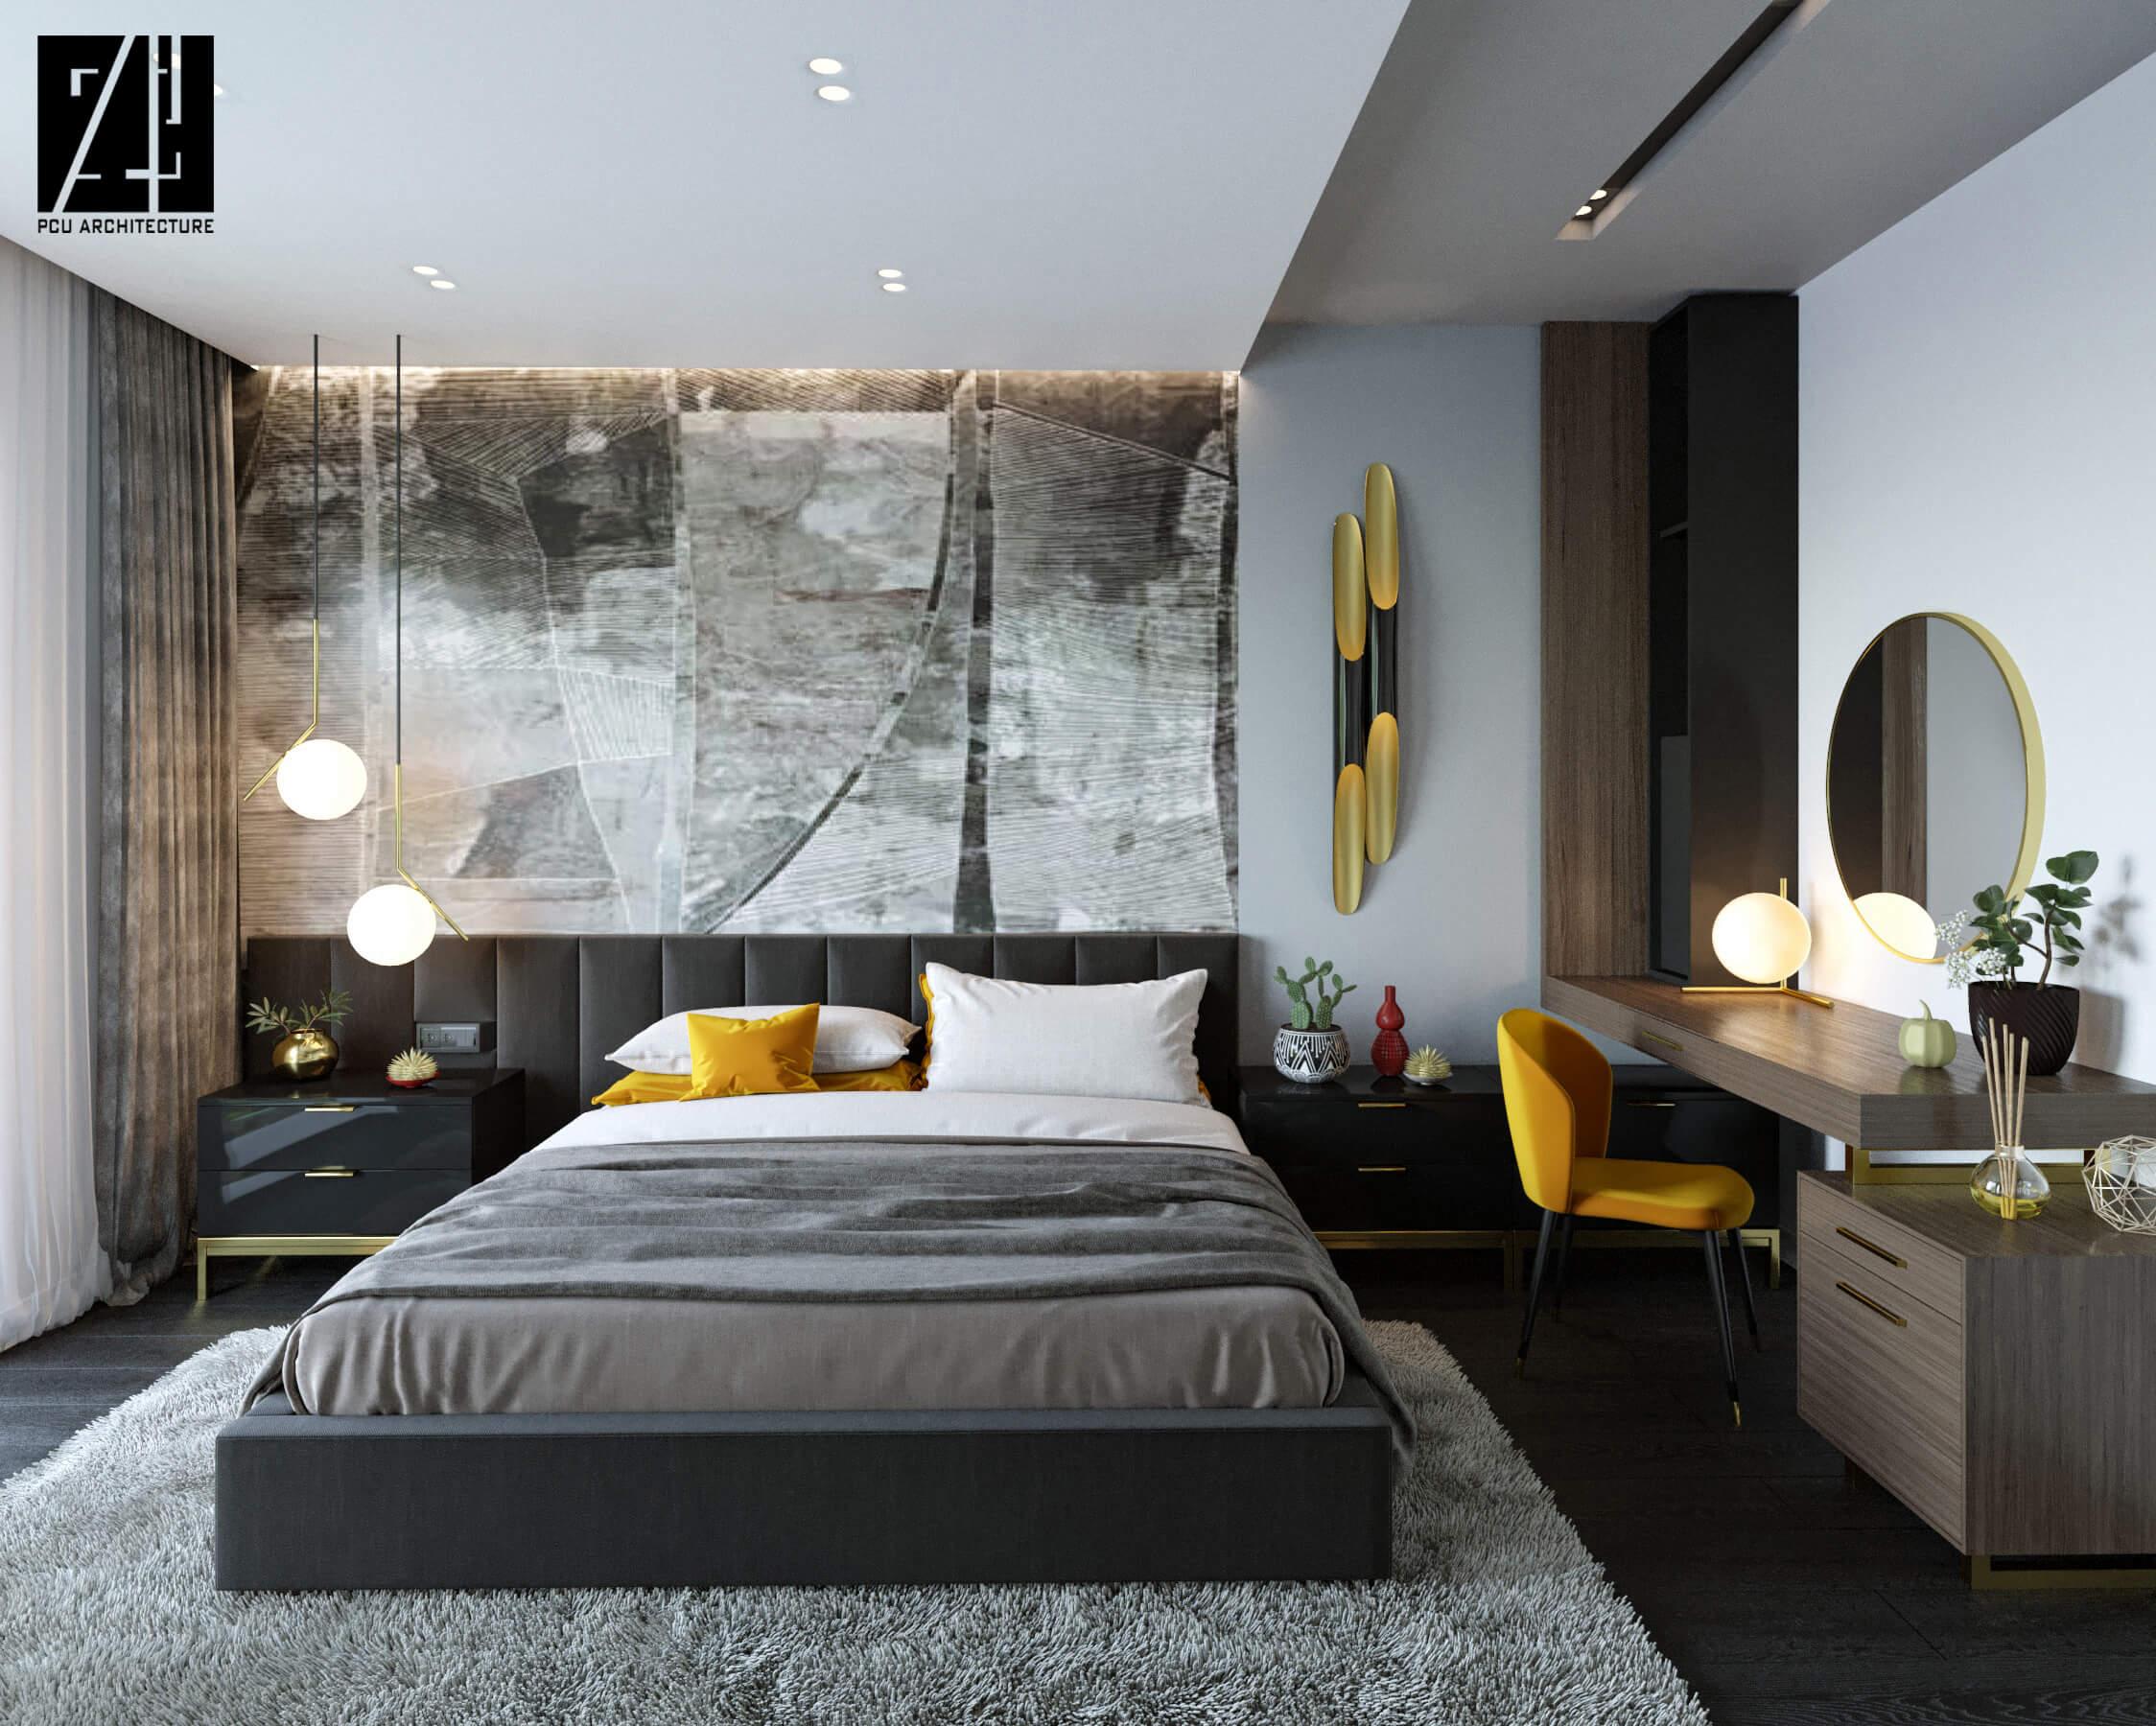 04_DI_CASA 1_BUZAU_Dormitor Oaspeti_2